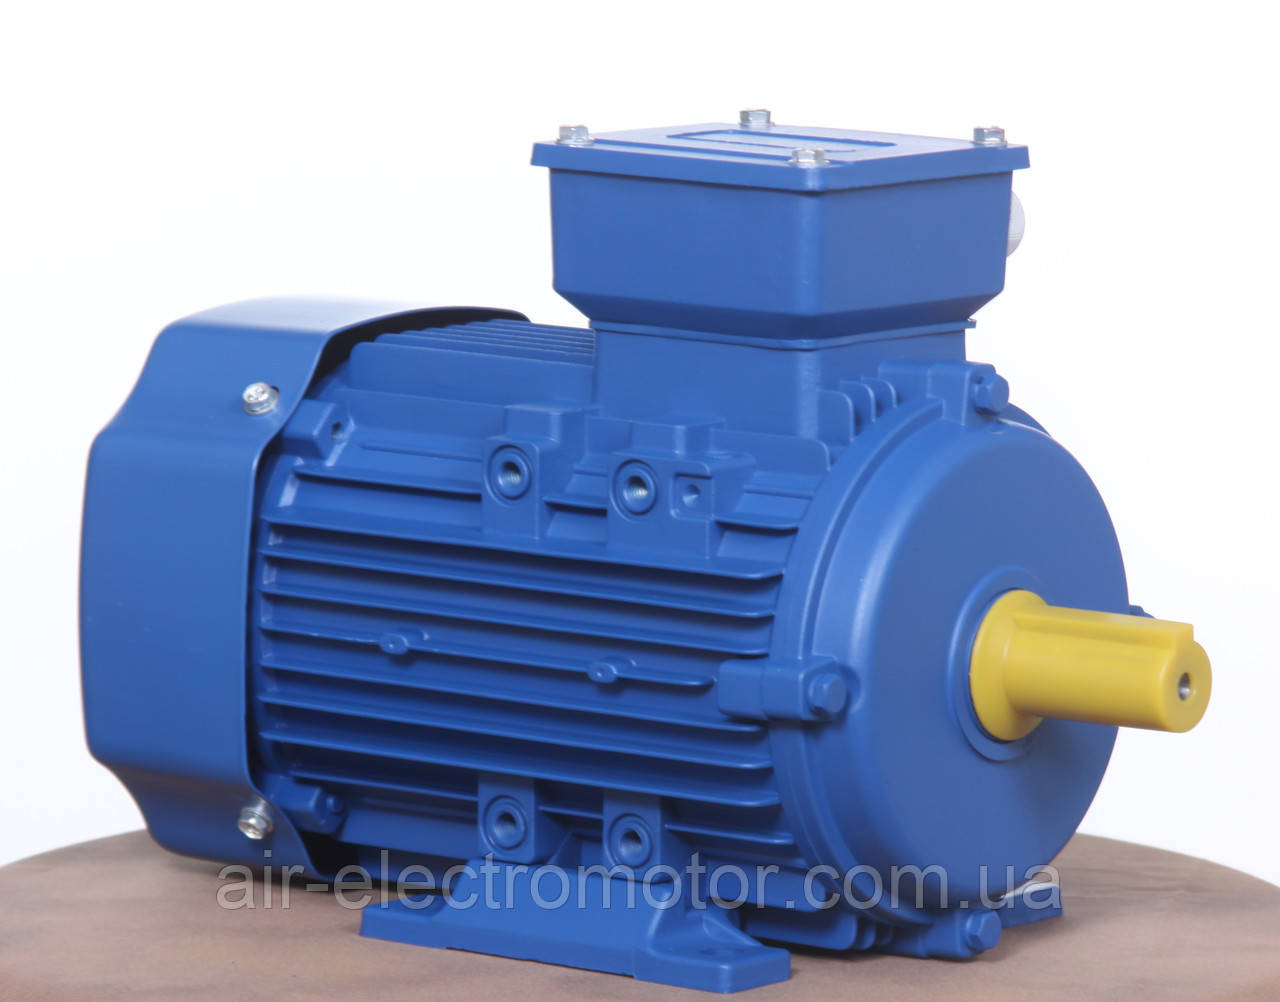 Электродвигатель АИР71В2 - 1,1кВт/ 3000 об/мин